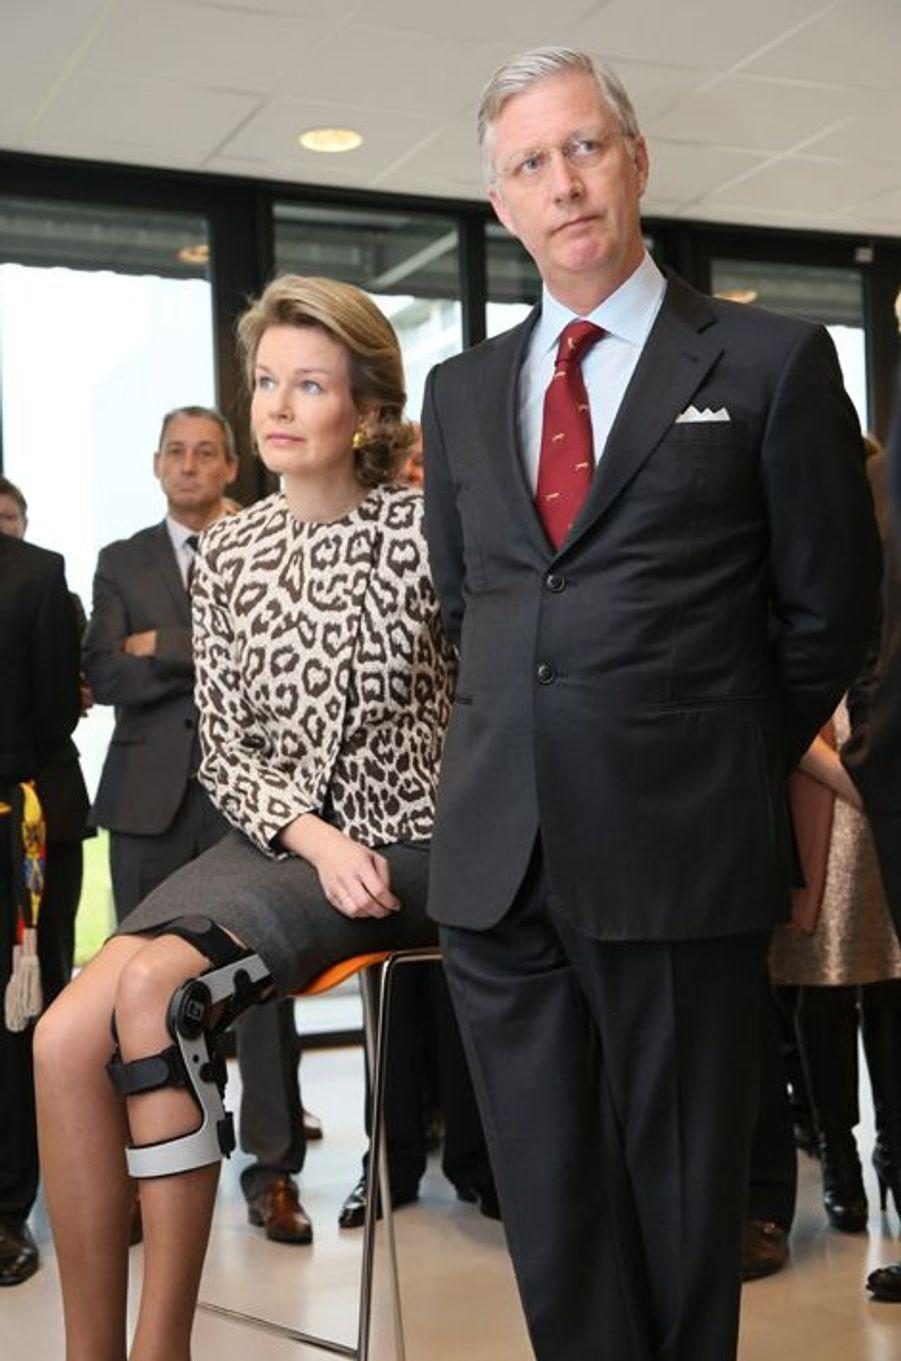 La reine Mathilde de Belgique, avec son époux le roi Philippe, le 26 février 2015